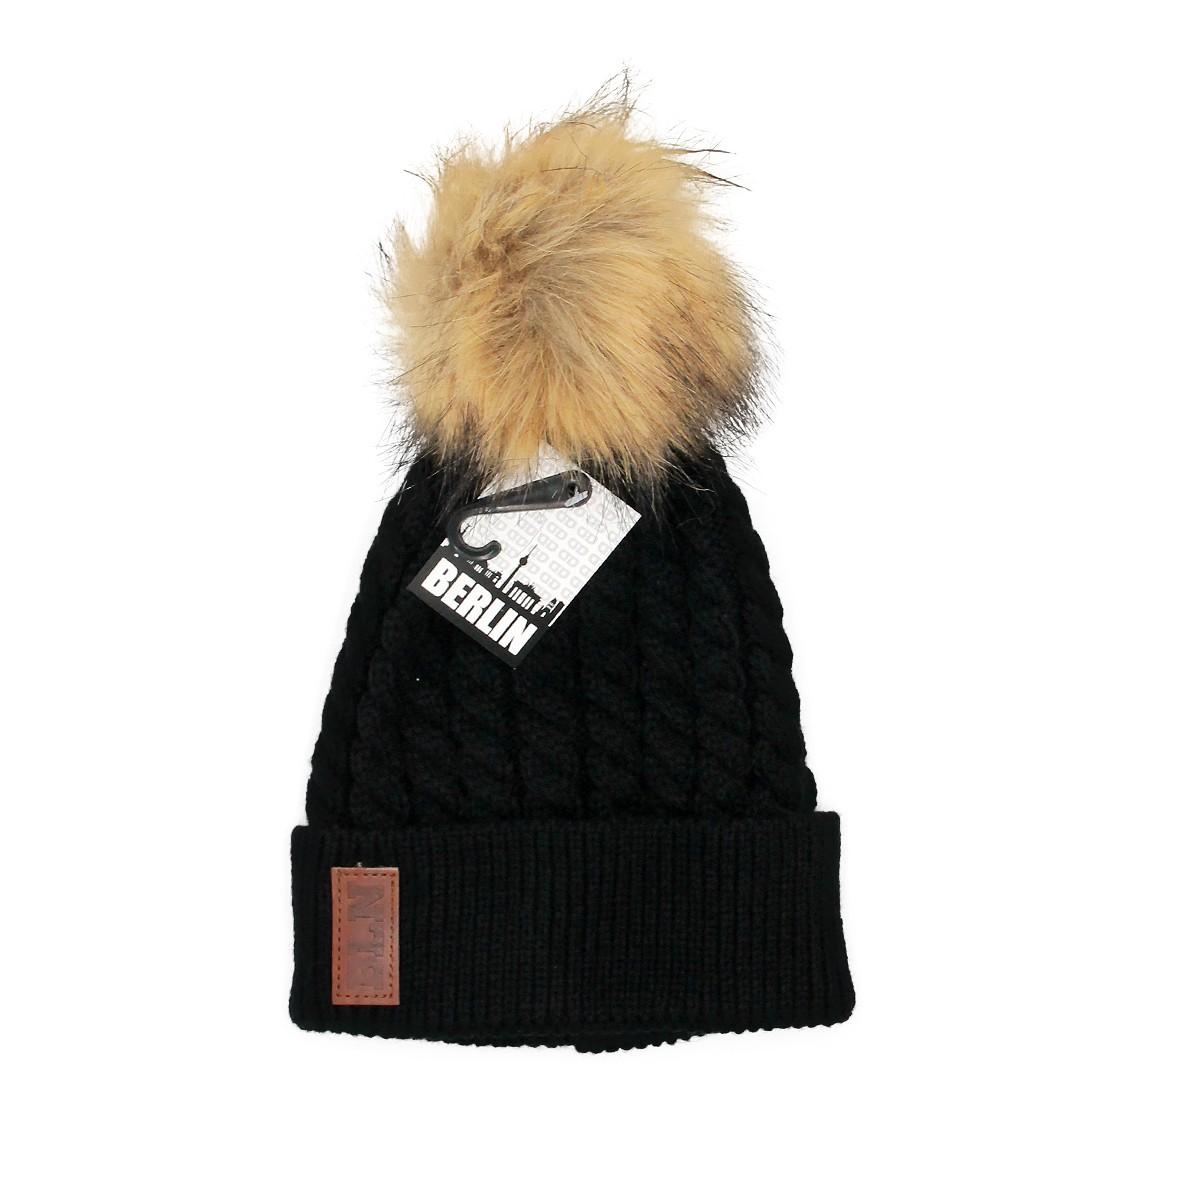 Mütze Strick m. Bommel schwarz